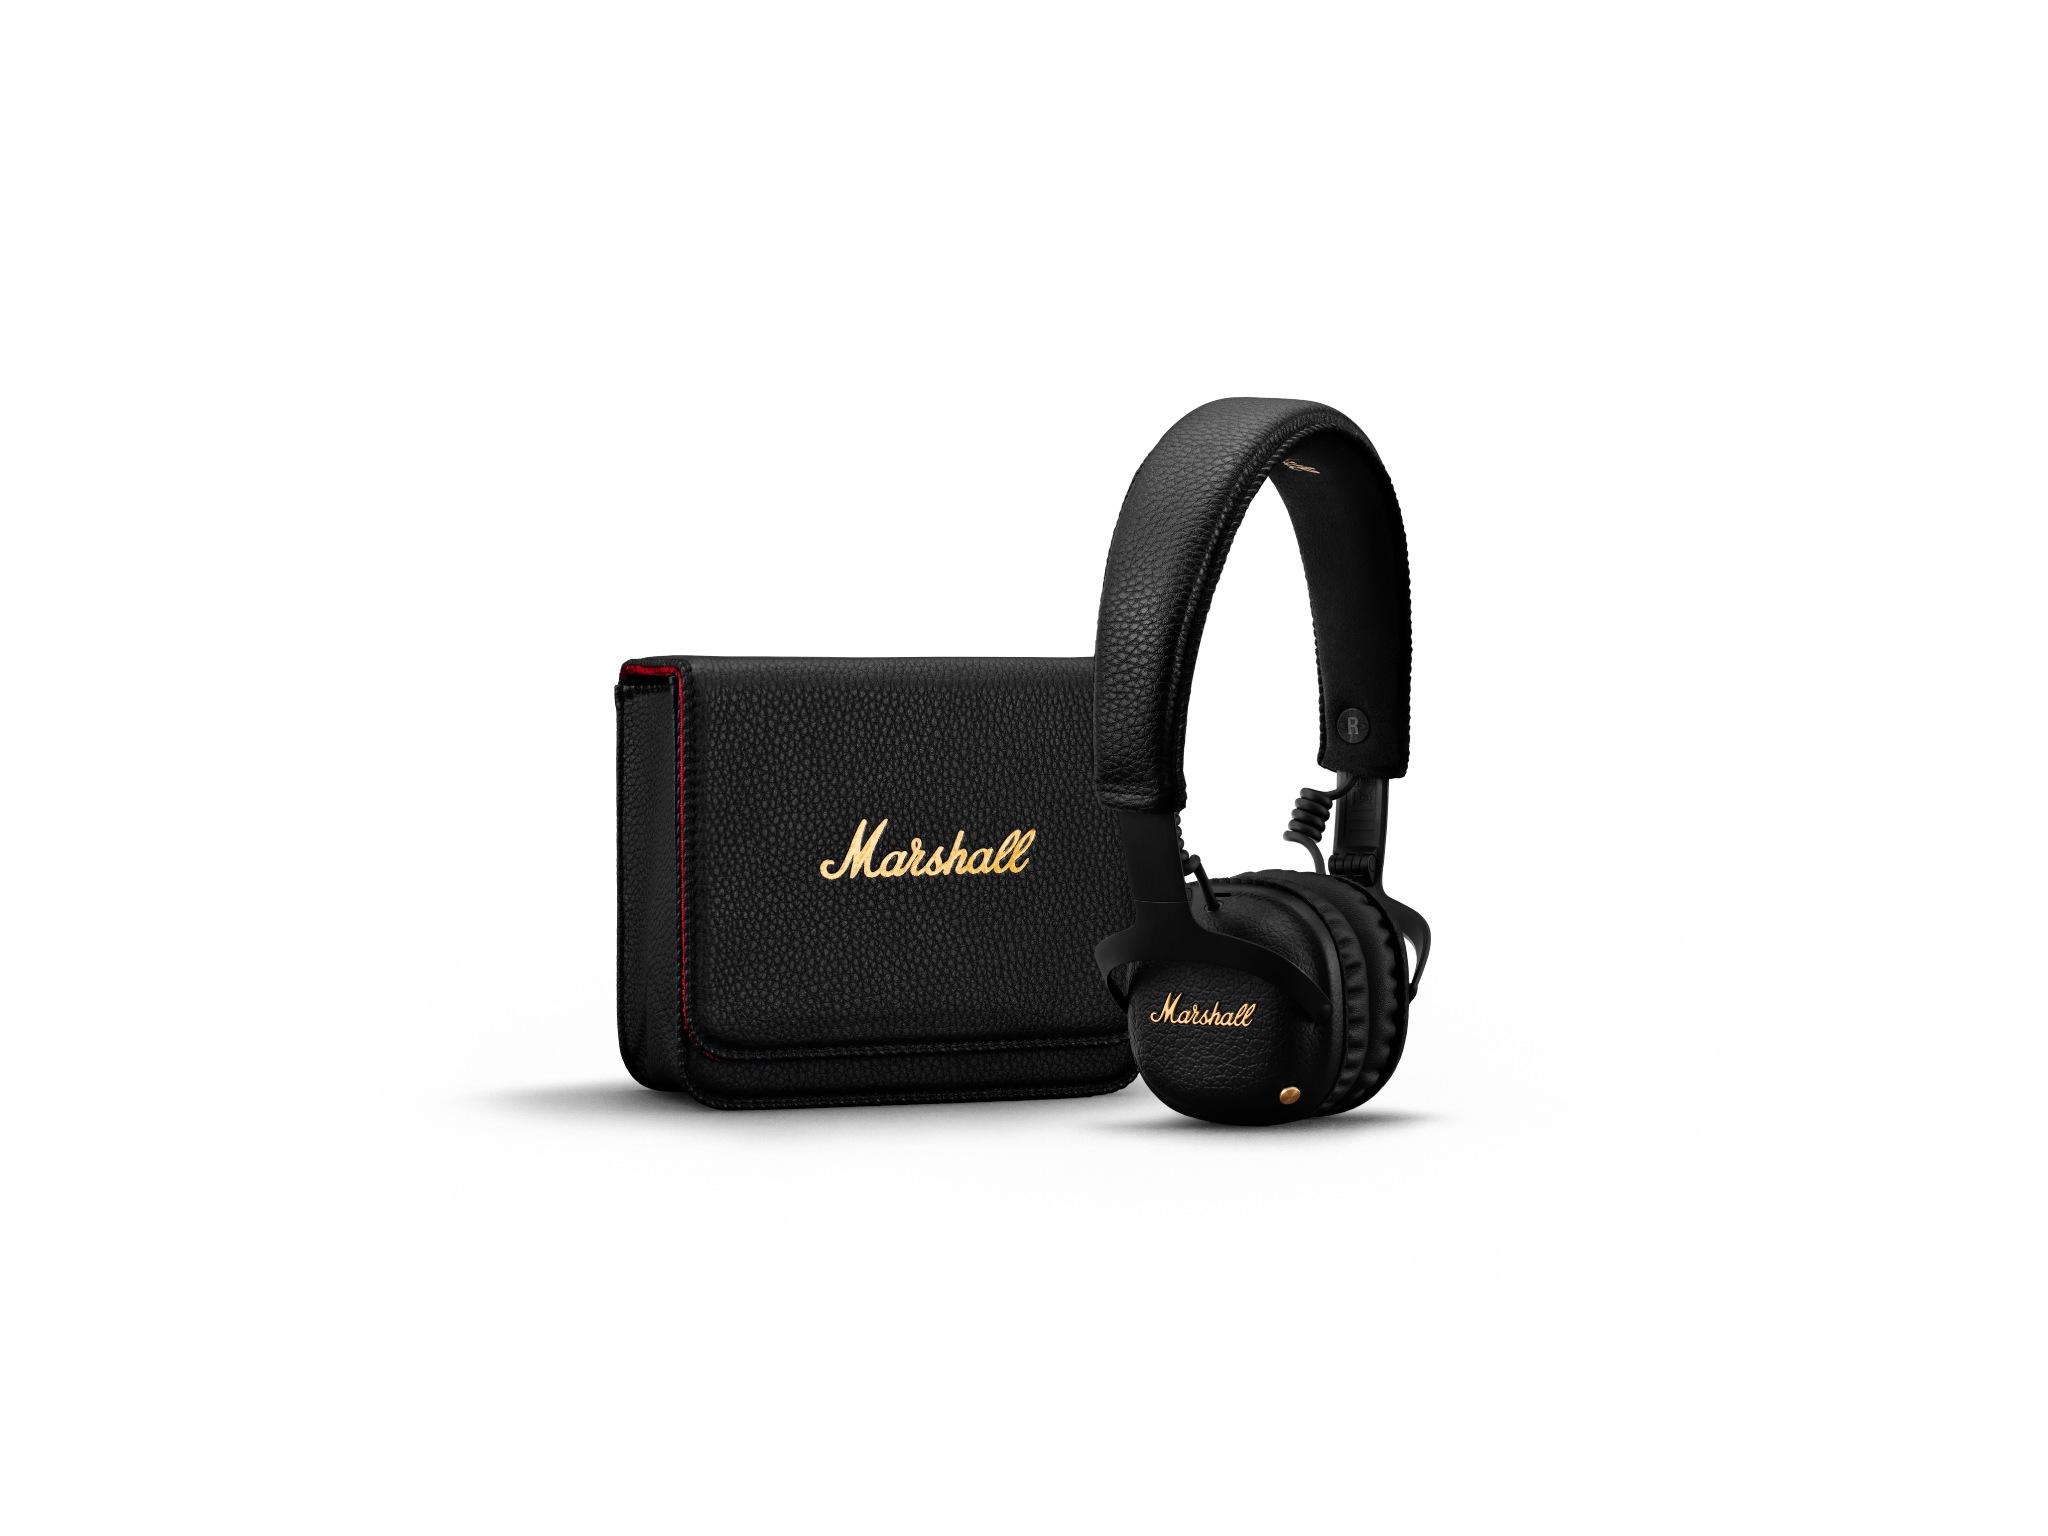 Marshall Mid Bluetooth headphone Image